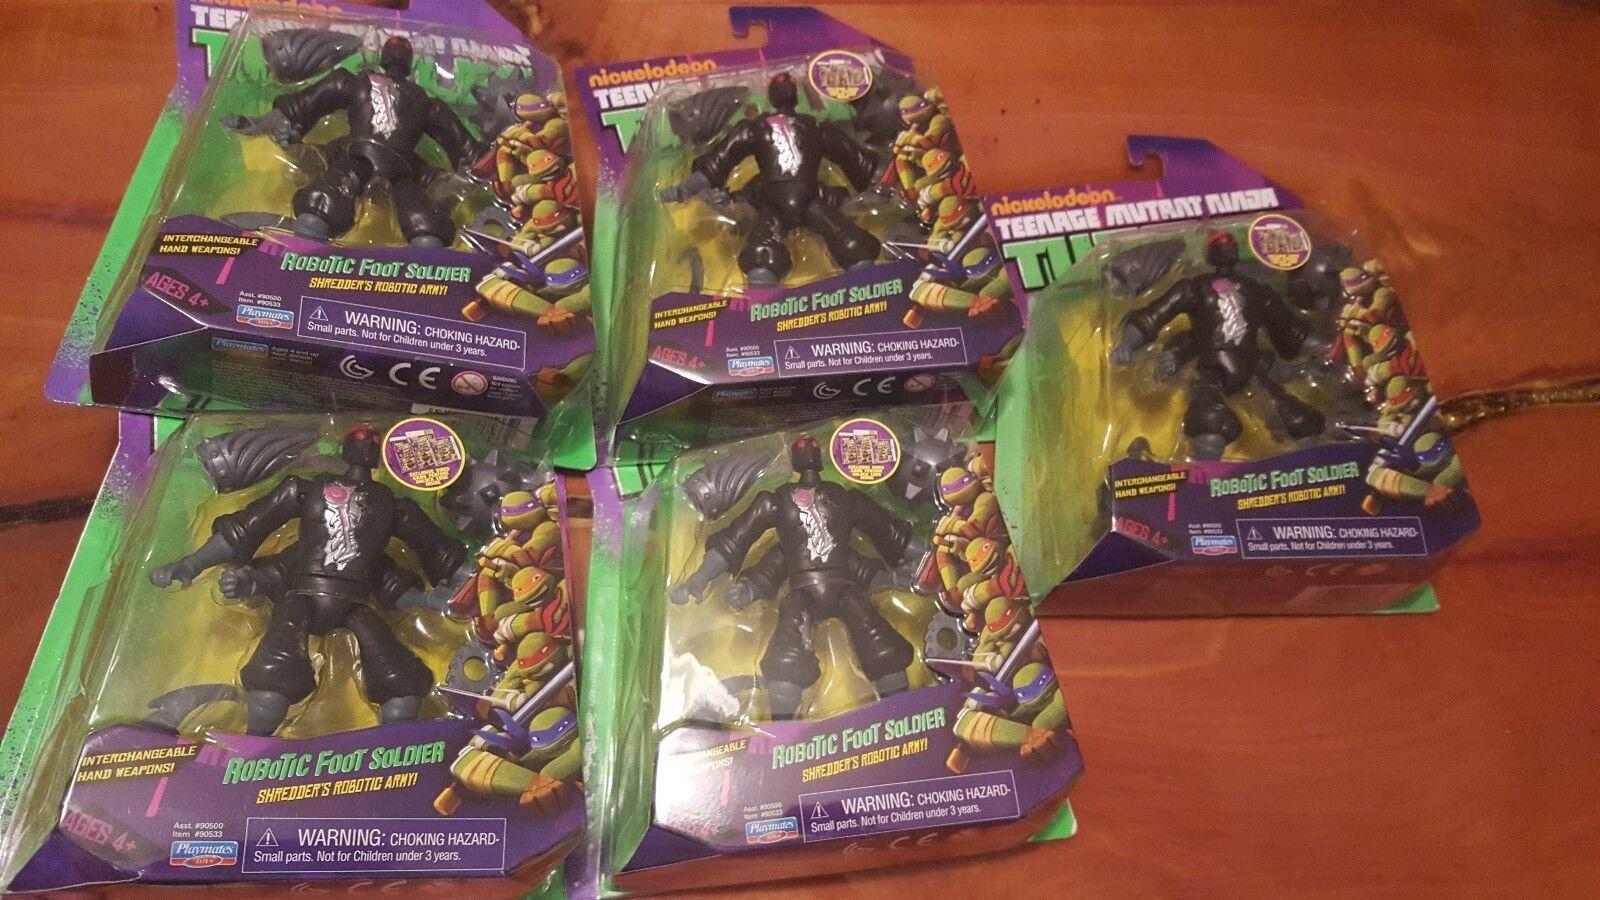 mejor servicio Teenage Mutant Ninja Turtles Turtles Turtles Nickelodeon robótica Soldado del Pie Lote Juego De 5 Micky  mejor calidad mejor precio